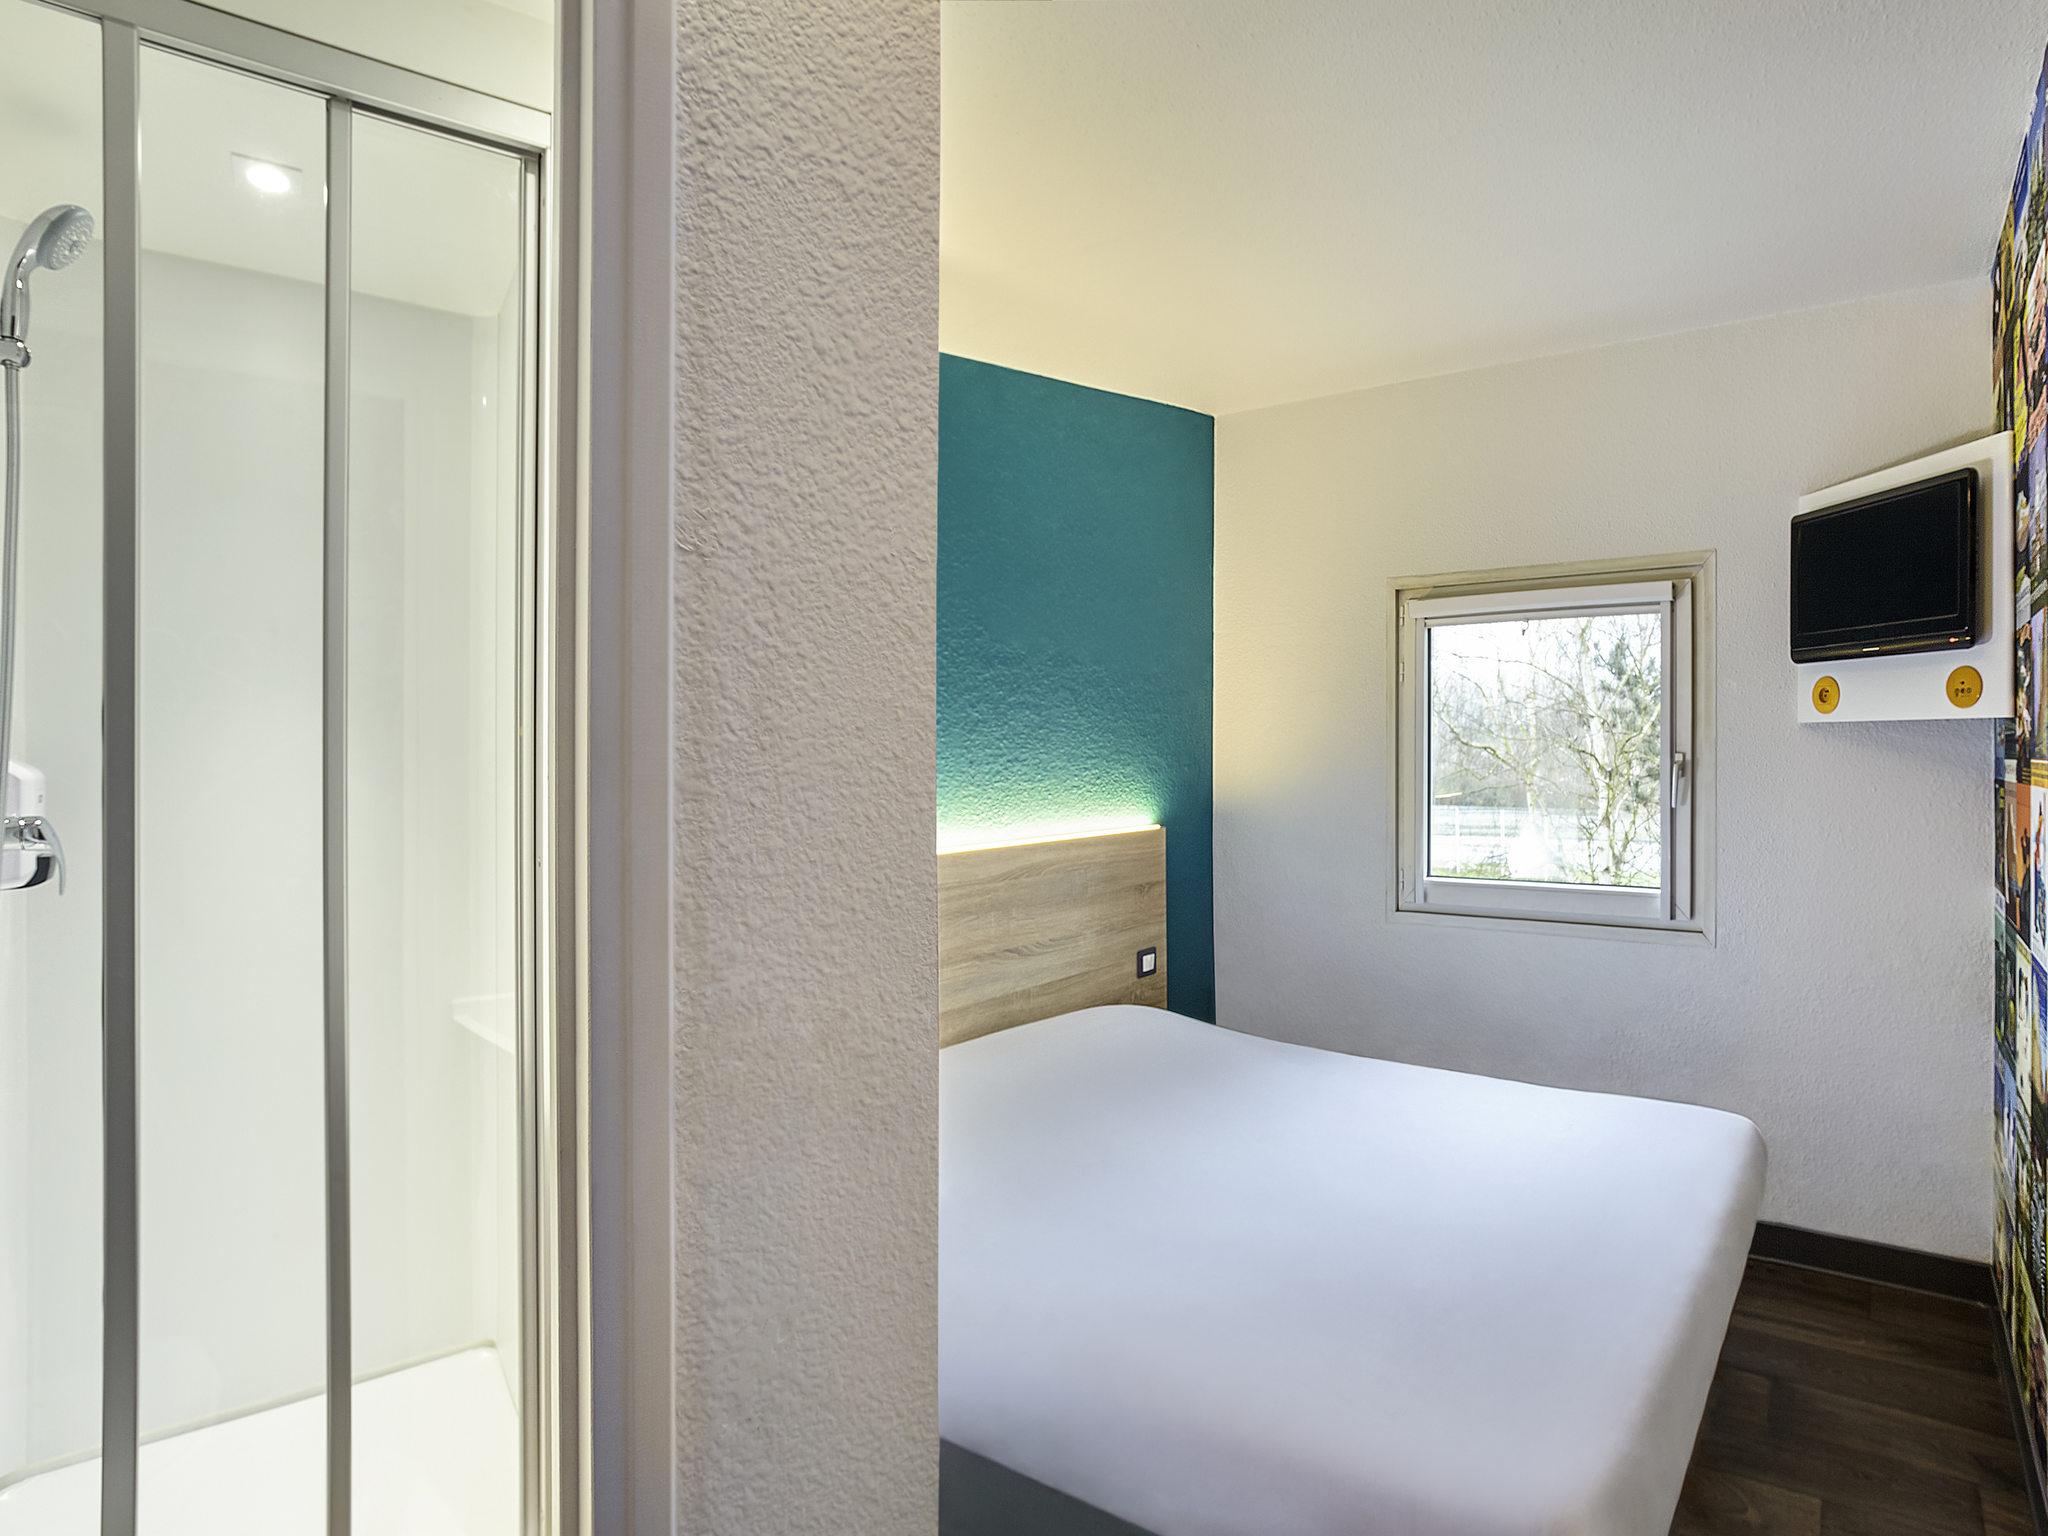 โรงแรม – hotelF1 Lille Métropole (Métro Mons Sarts) (rénové)